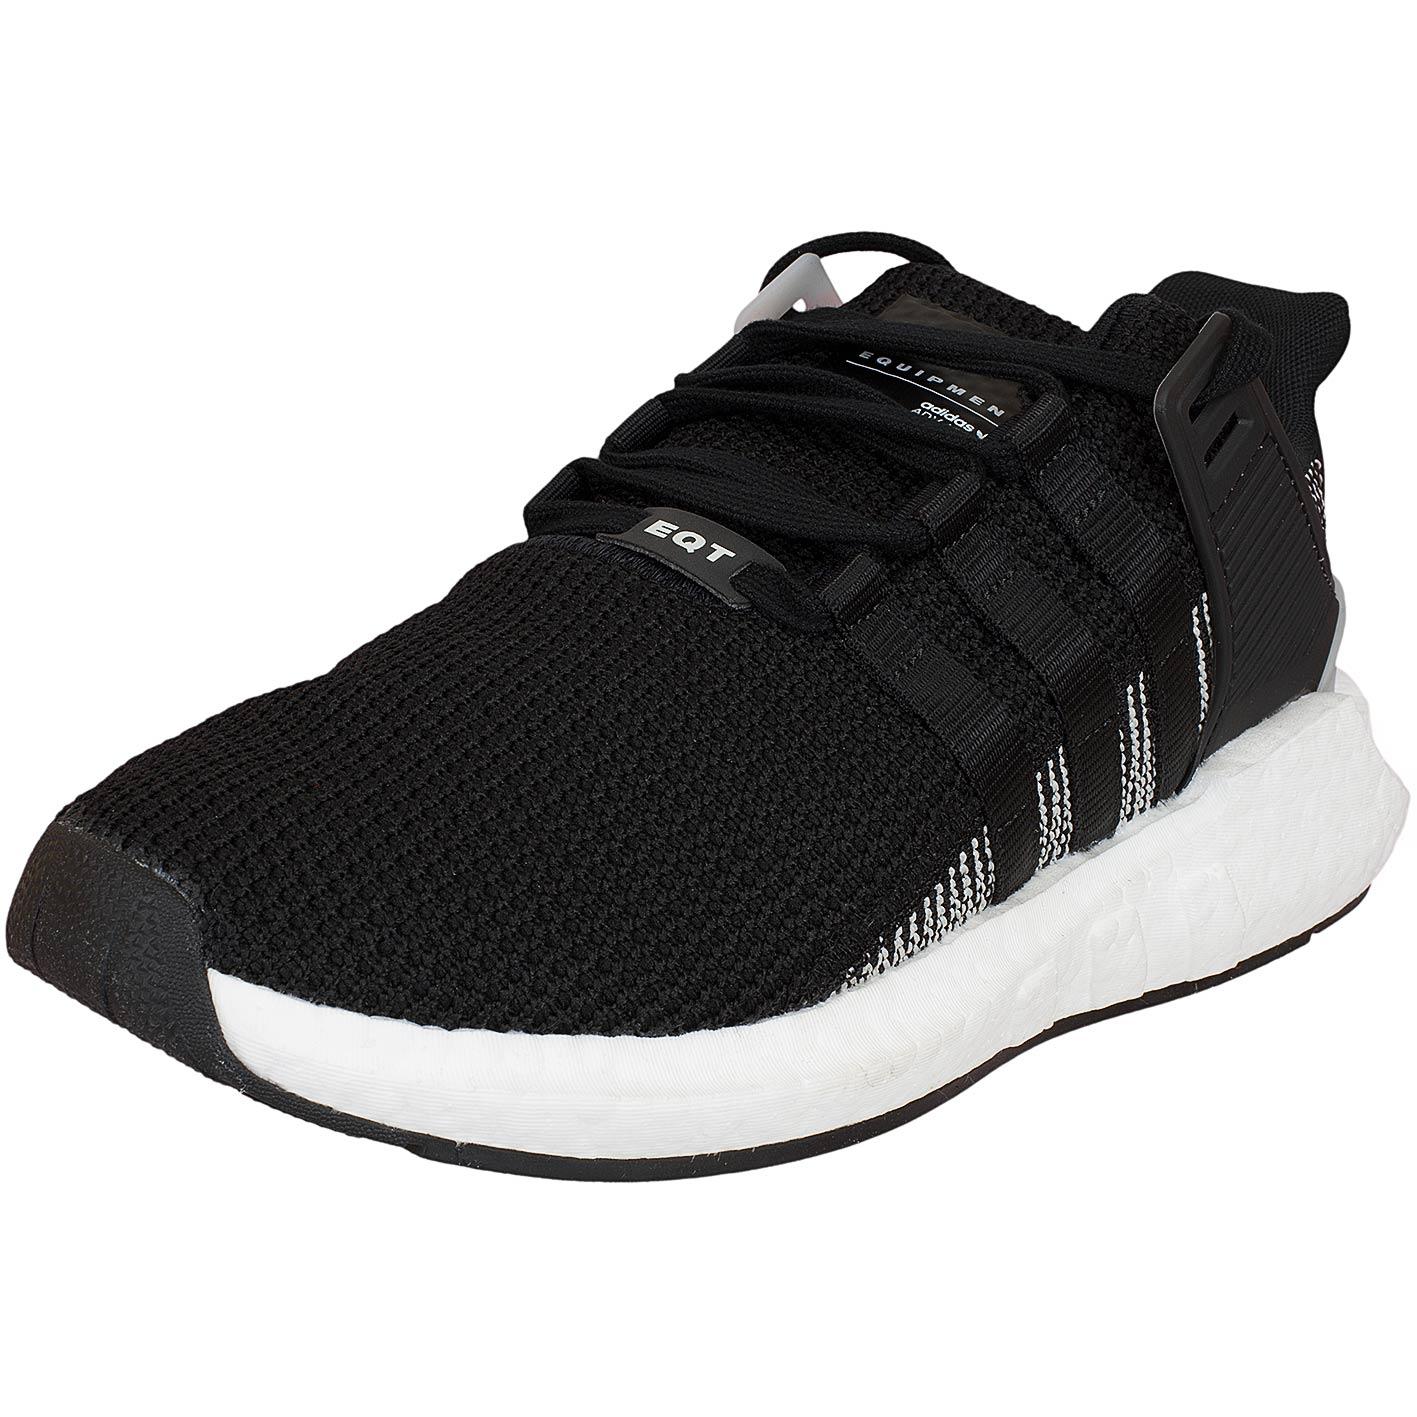 755331a9e2be56 ☆ Adidas Originals Sneaker Equipment Support 93 17 schwarz schwarz ...